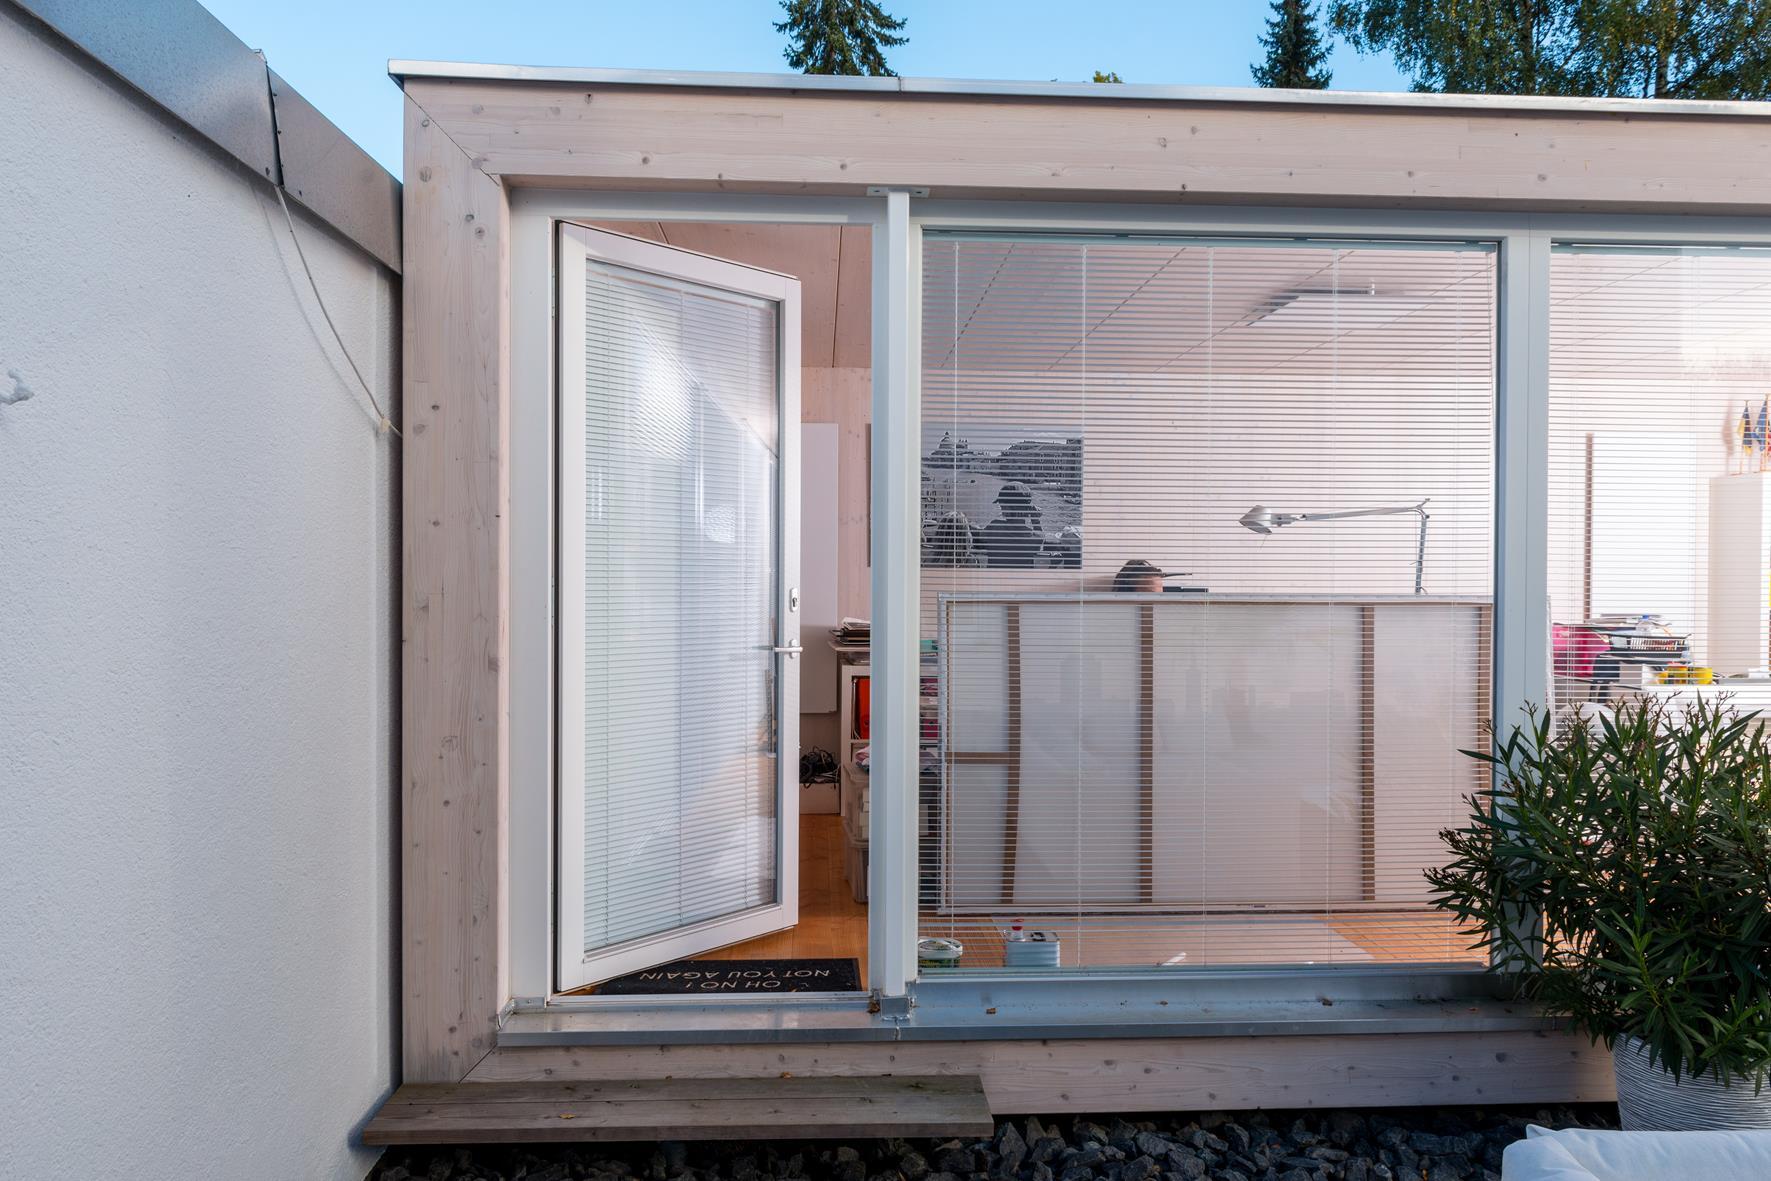 gartenb ro beim starnberger see werner ettwein gmbh. Black Bedroom Furniture Sets. Home Design Ideas